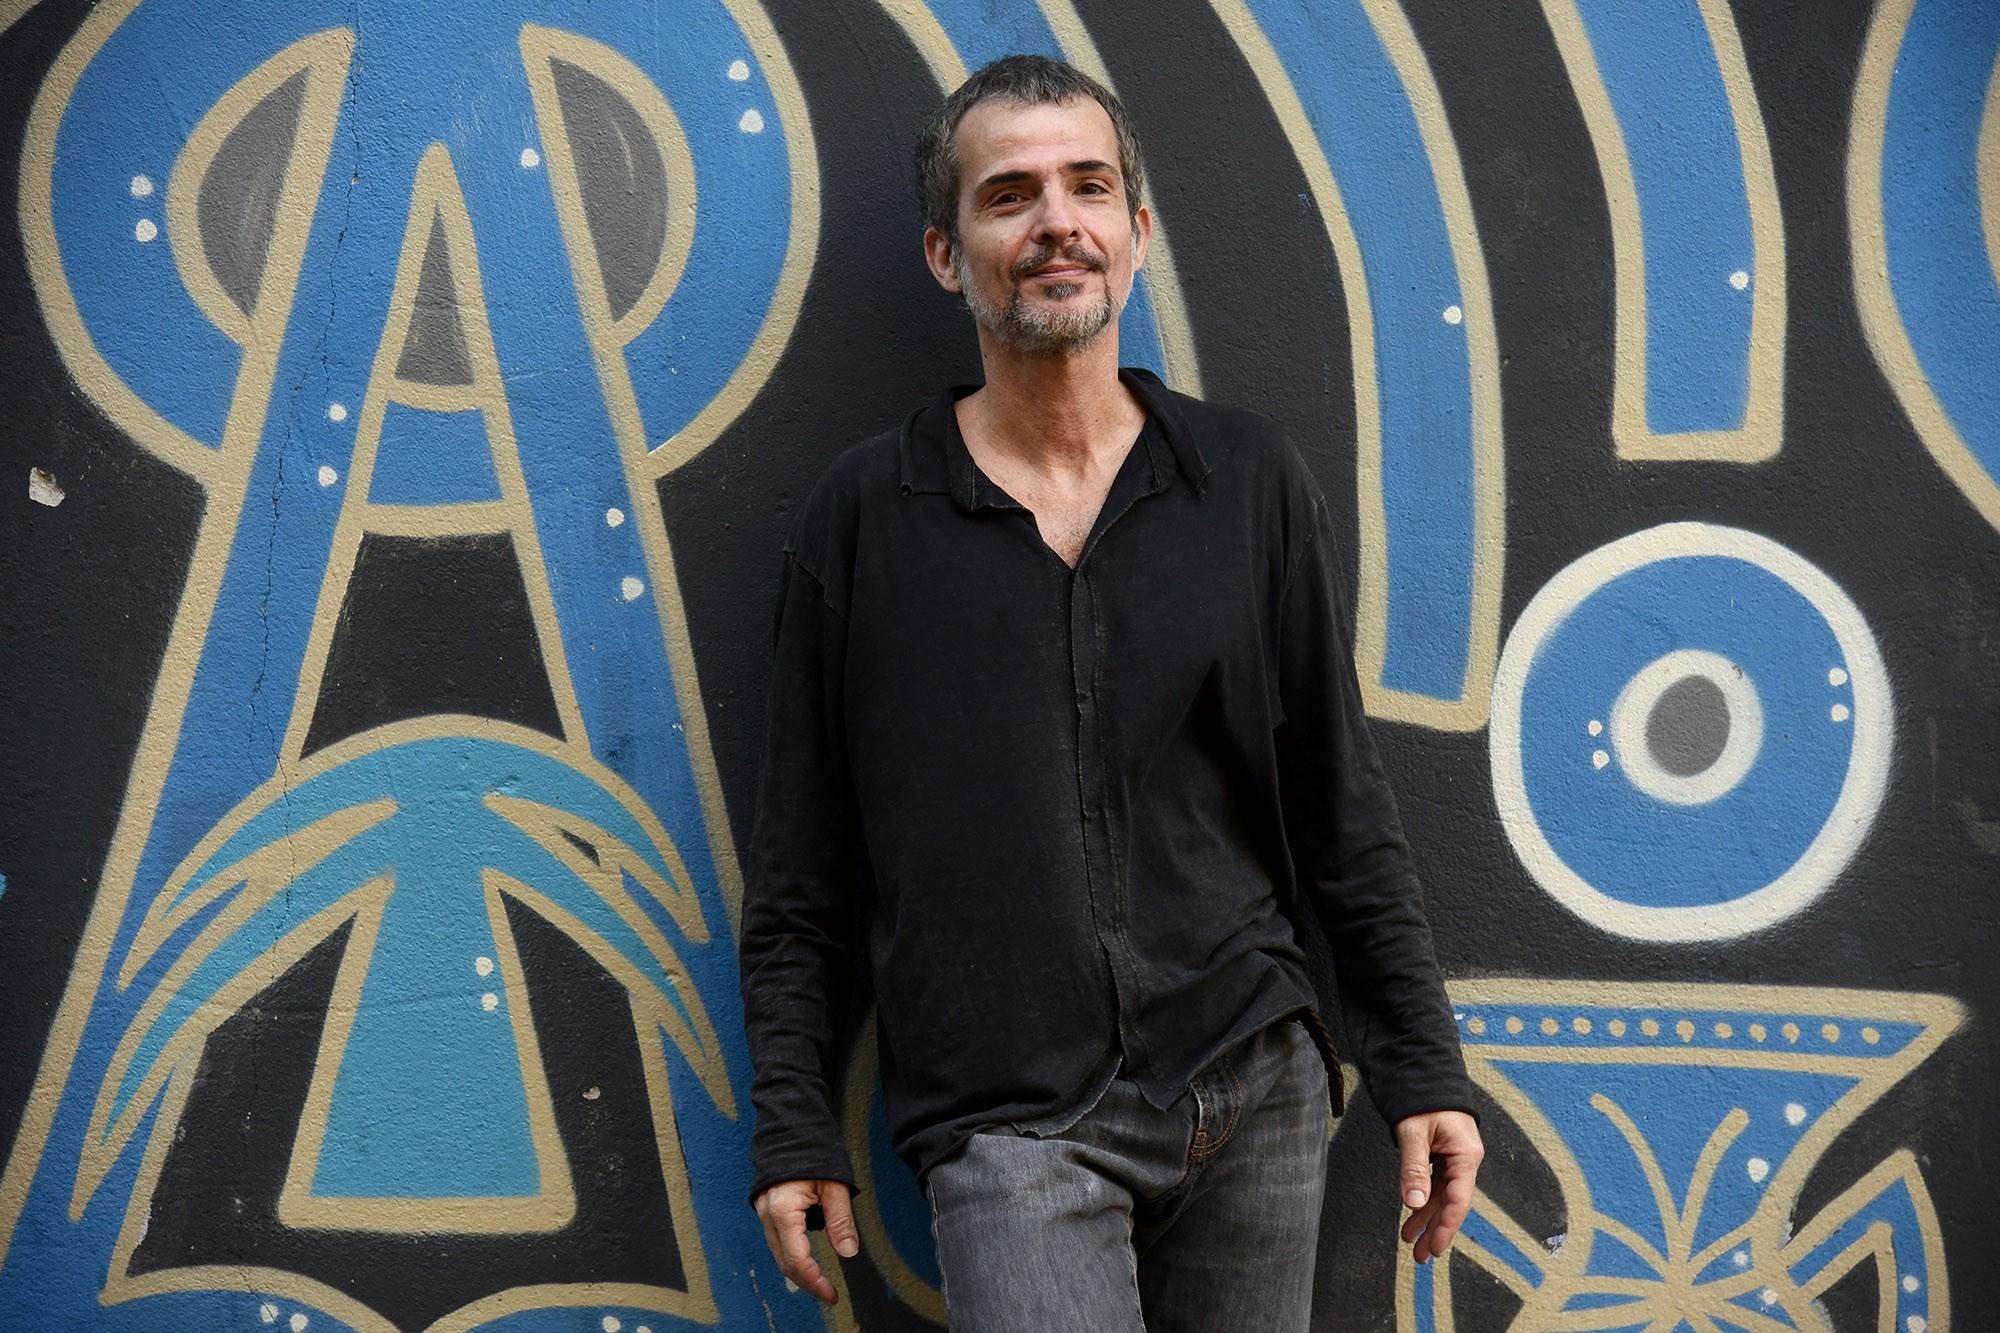 Humberto Effe retoma discografia solo após 25 anos com 'A vontade e o medo'